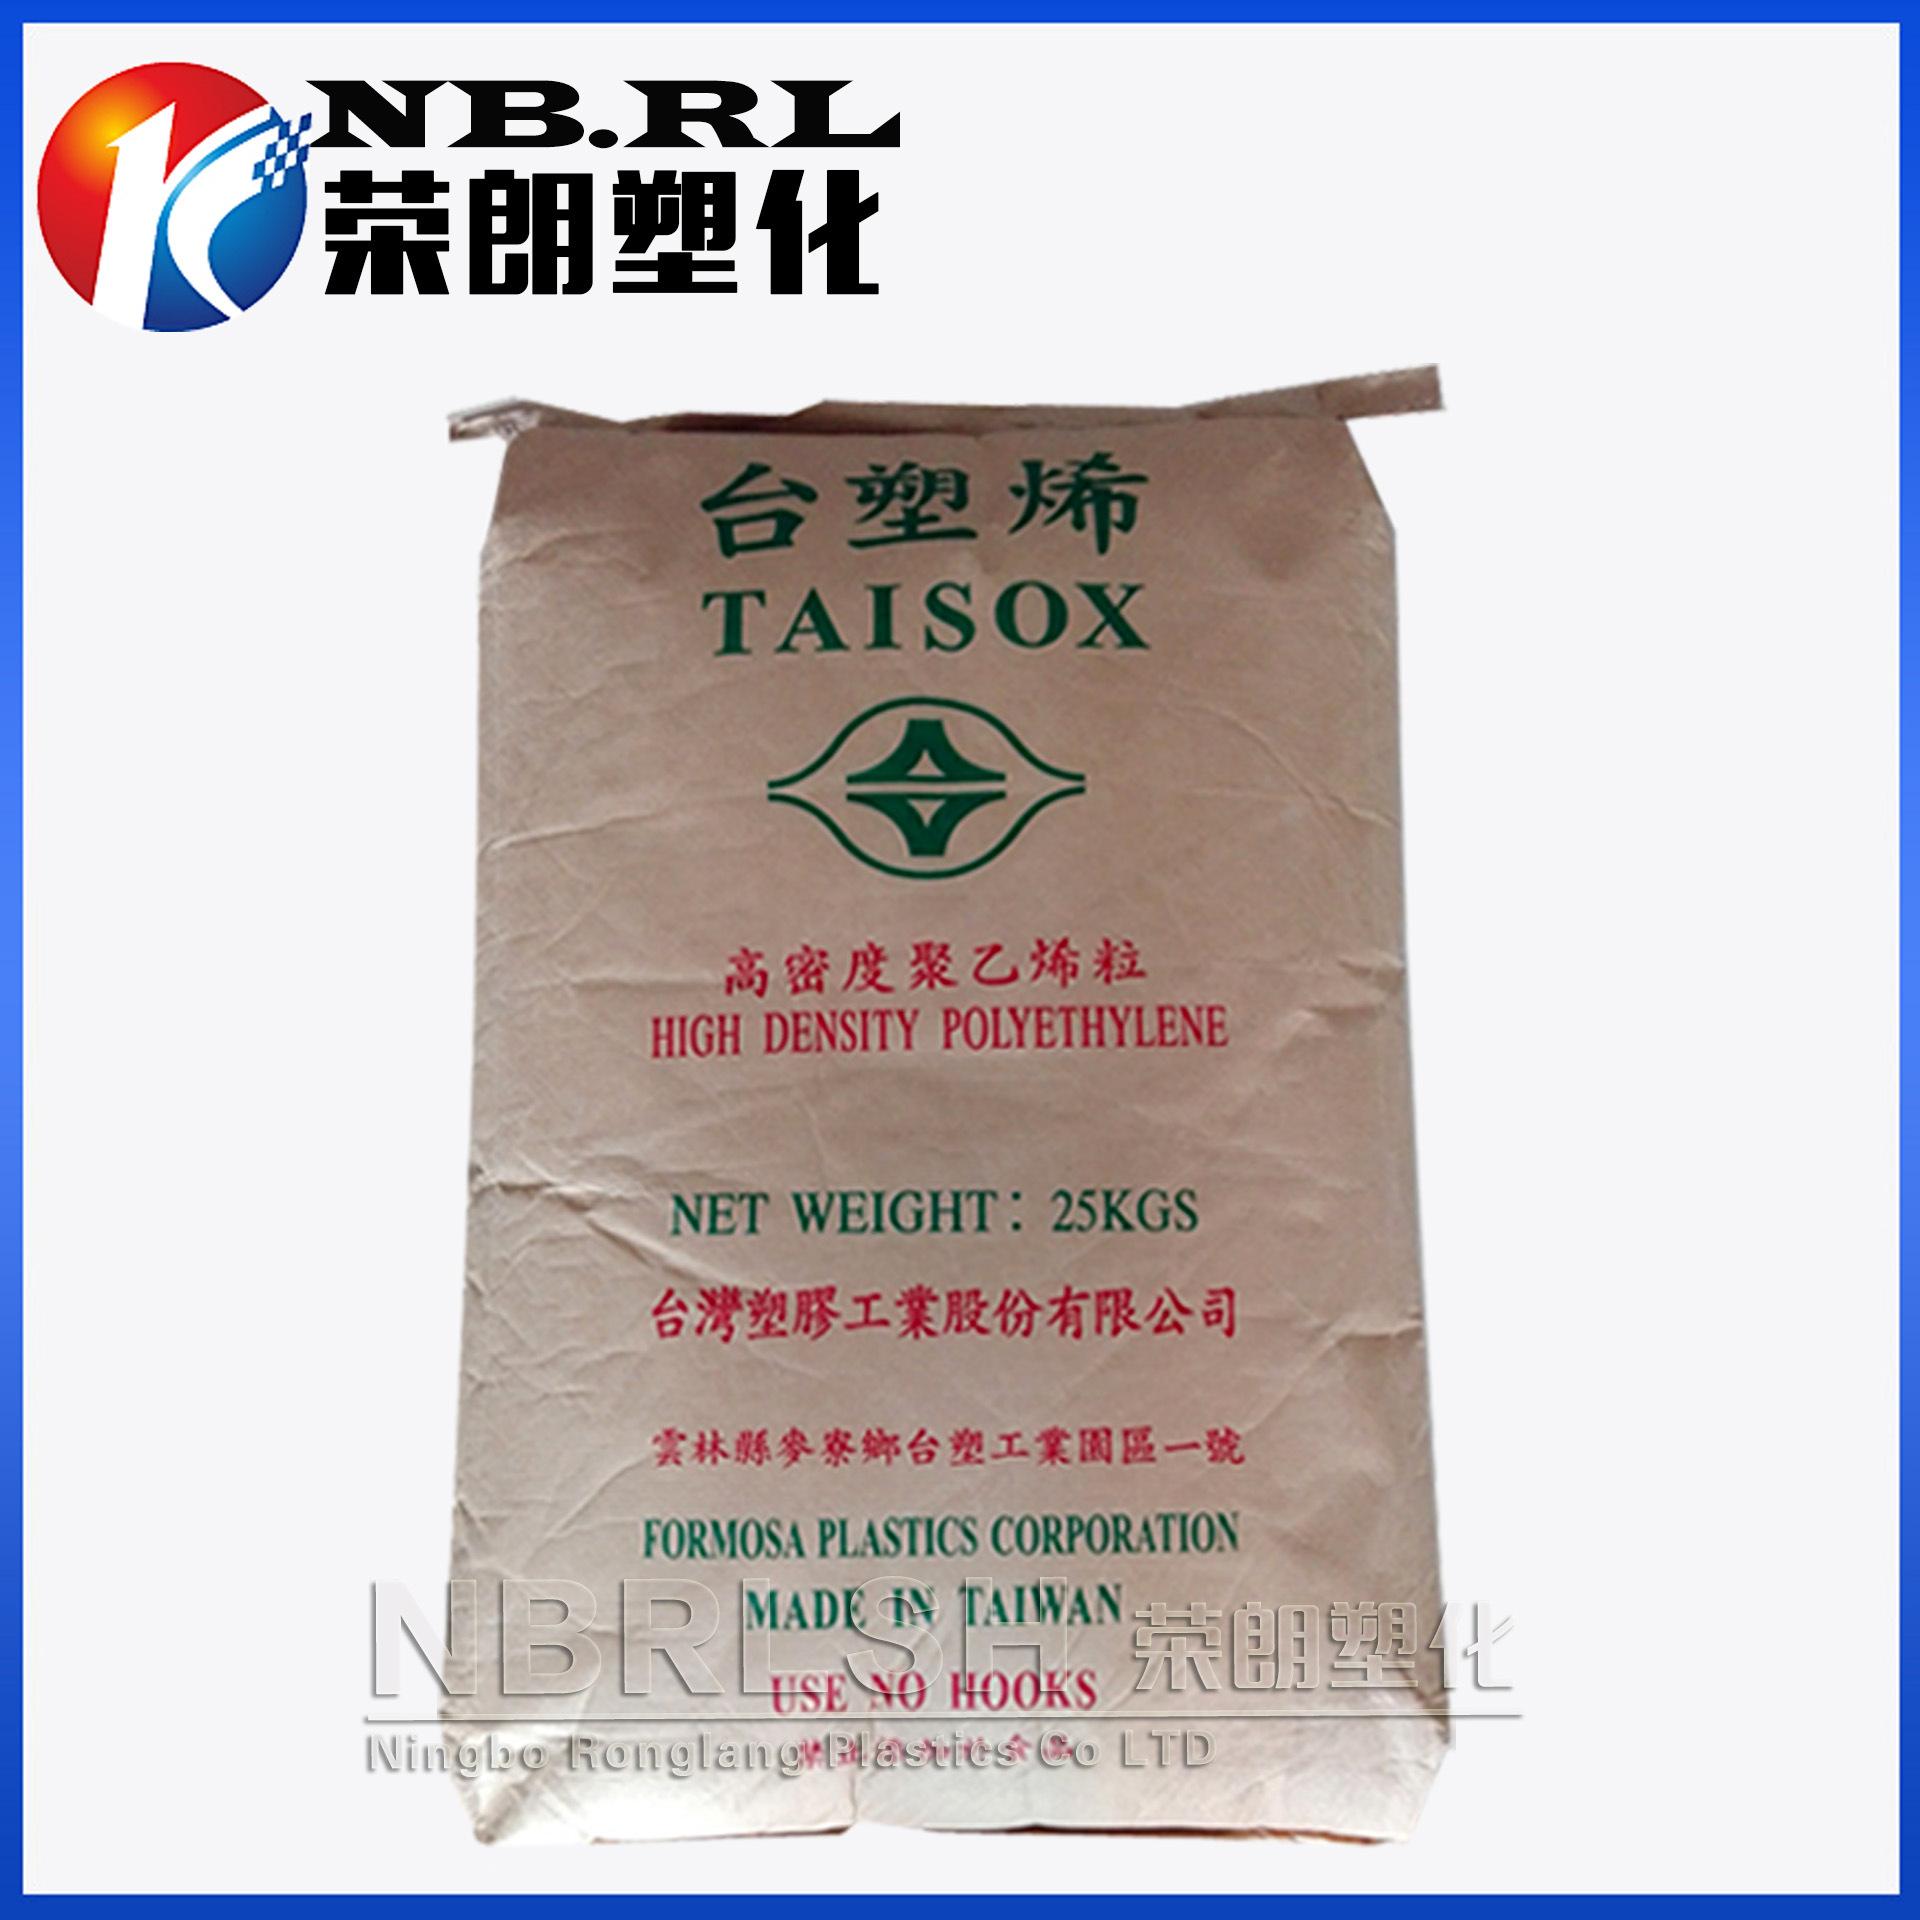 台湾塑胶 8001 PE自来水管原料 中空级 聚乙烯树脂 抗蠕变性 HDPE